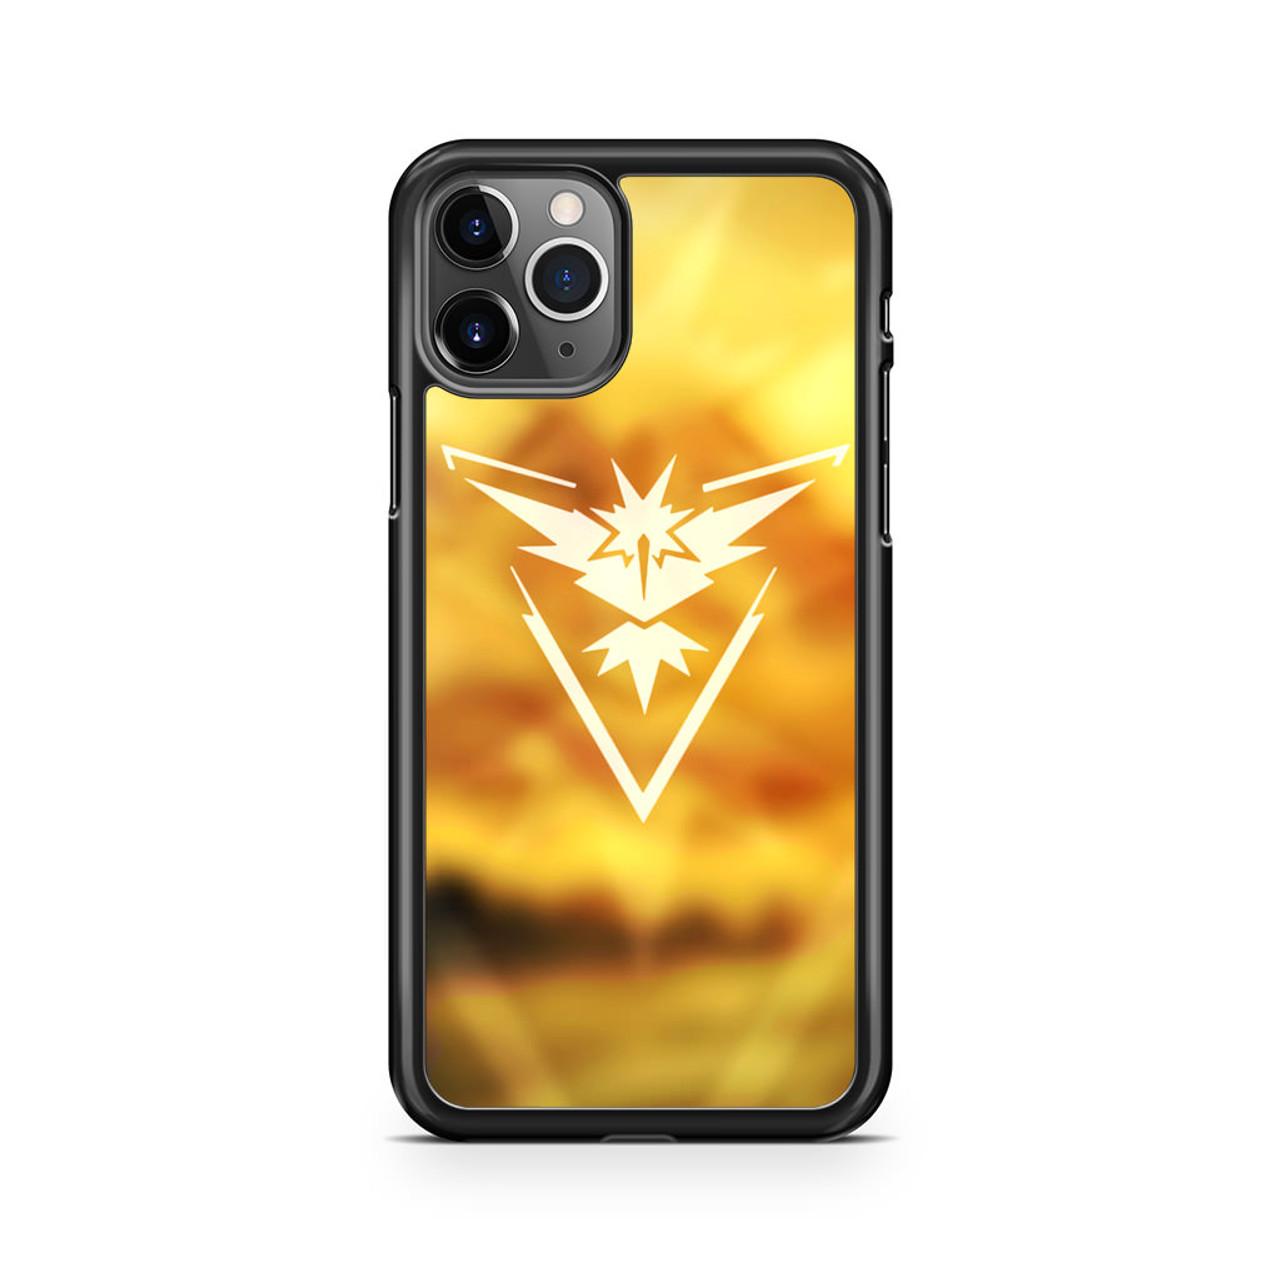 Team Instinct iphone case